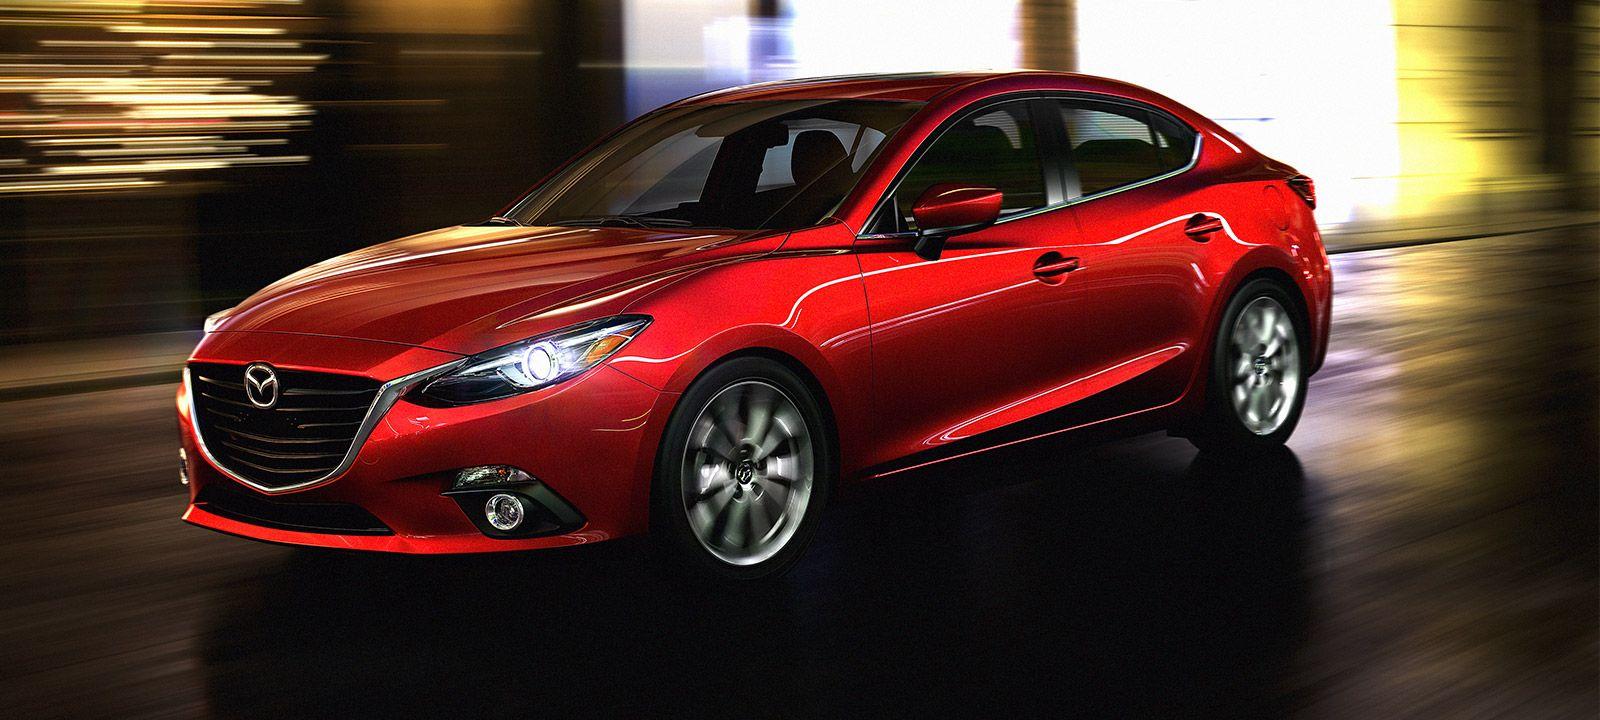 2015 Mazda 3 Sedan Price